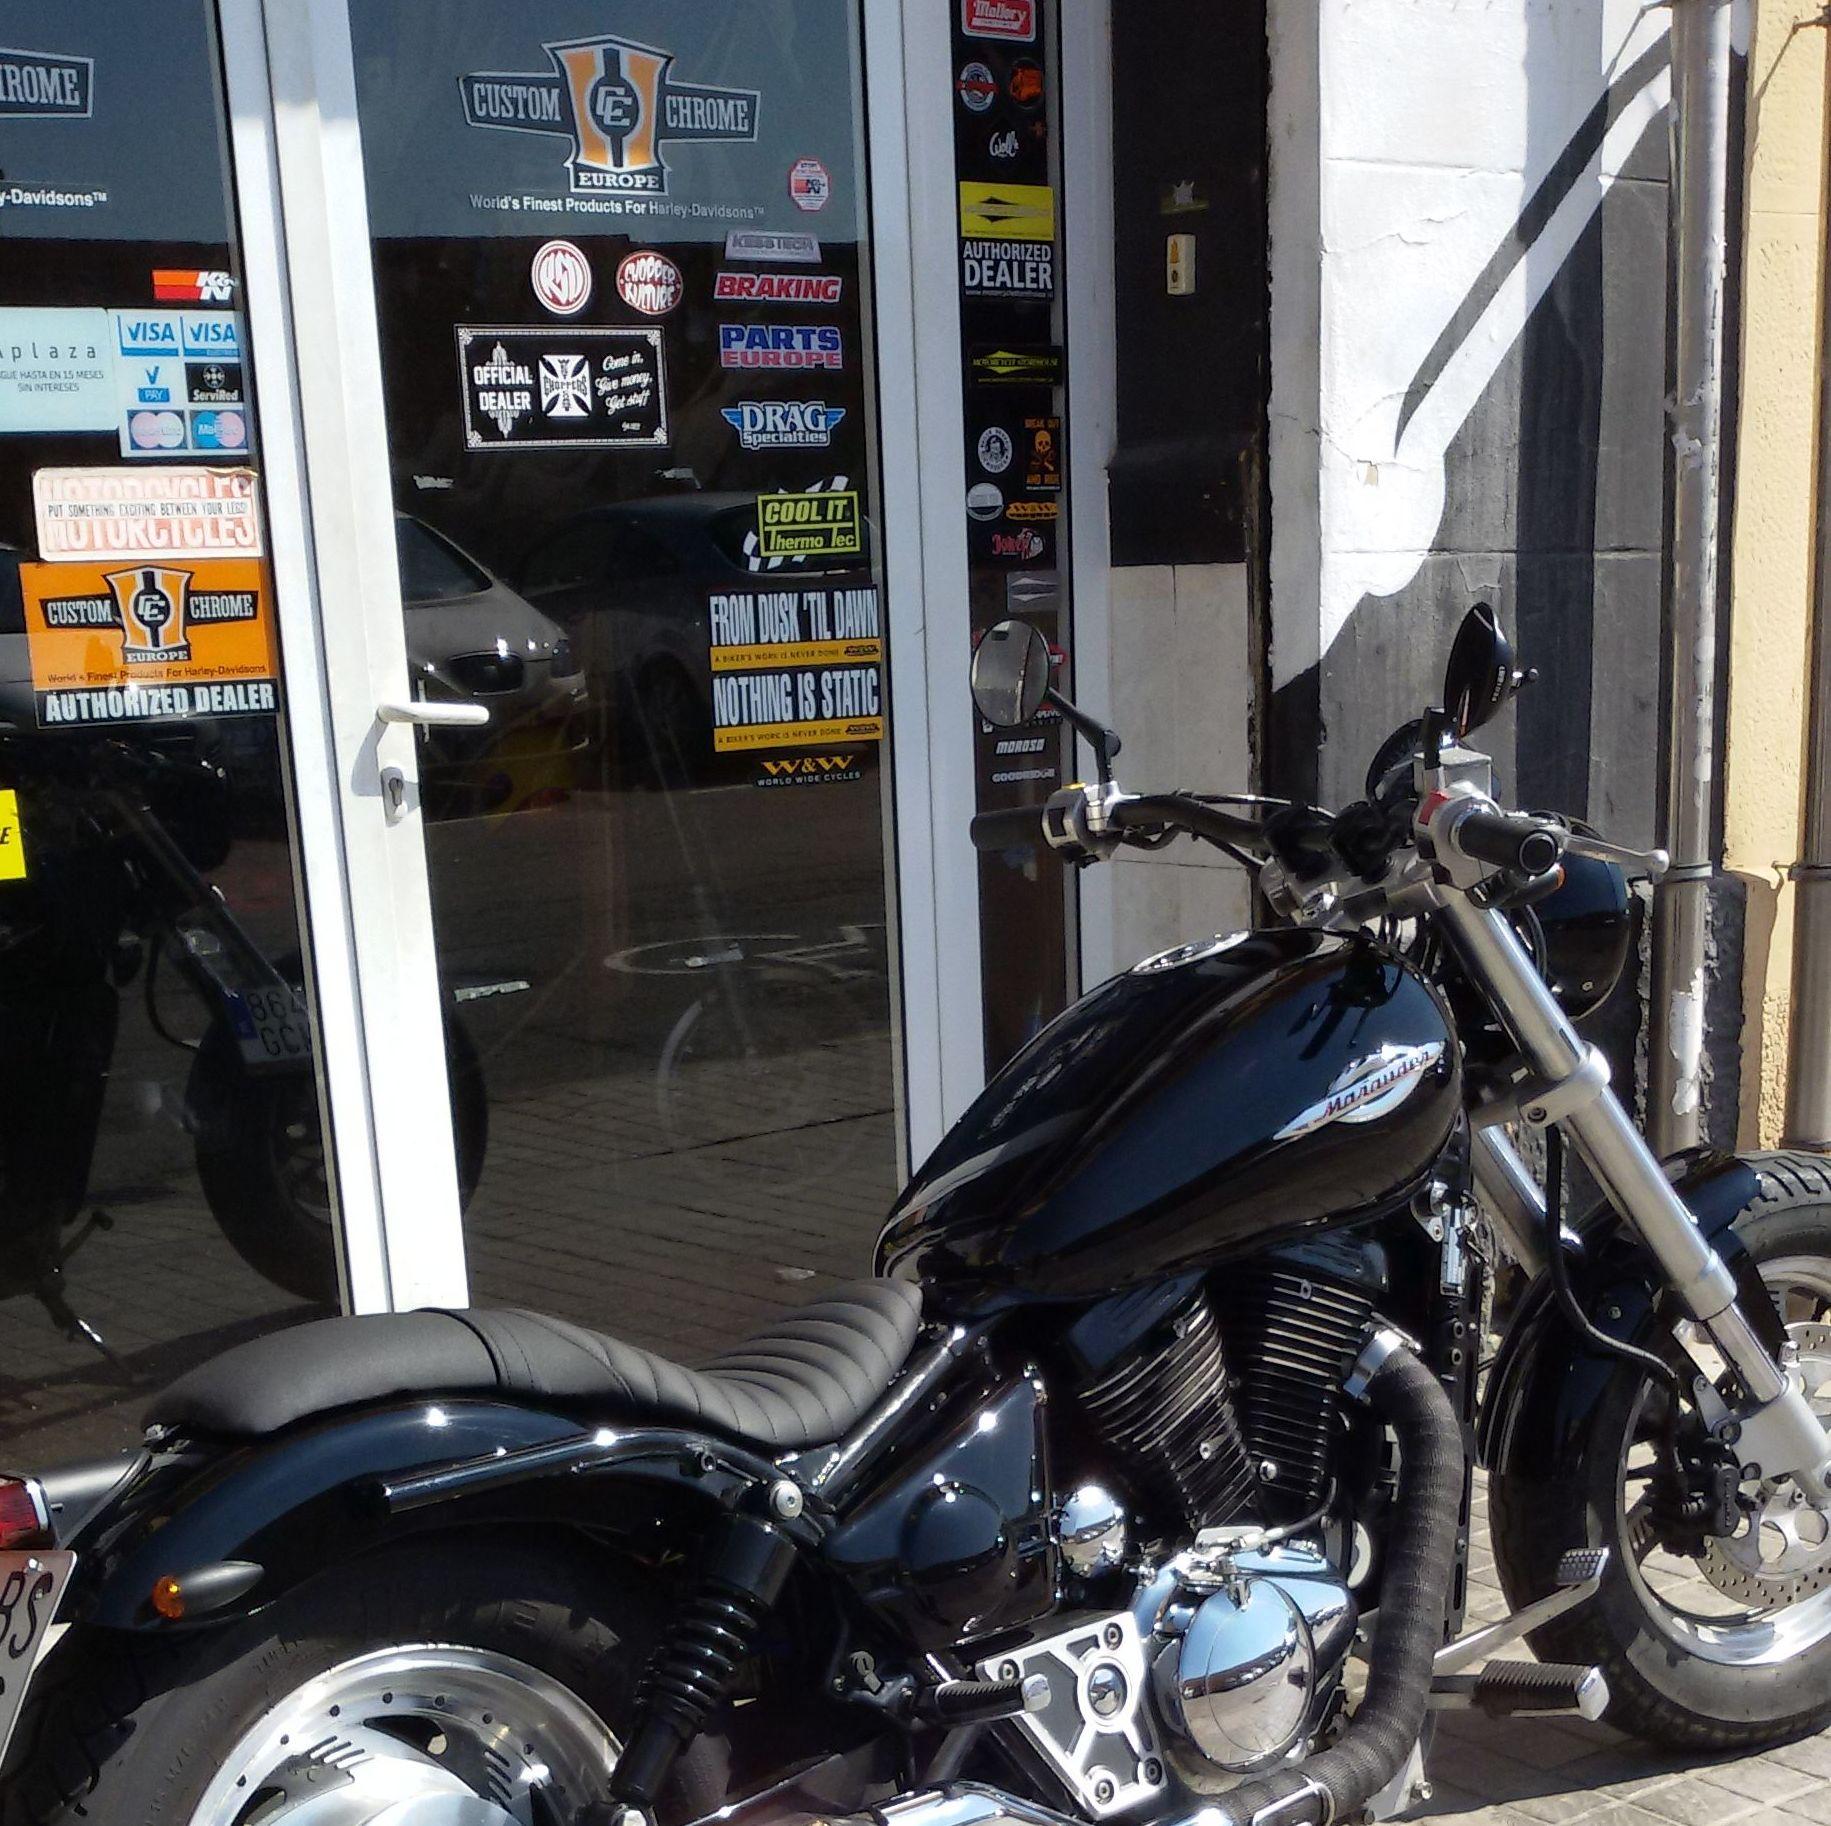 personalizacion suzuki marauder, customizar motos japonesas, transformacion motos custom en valencia